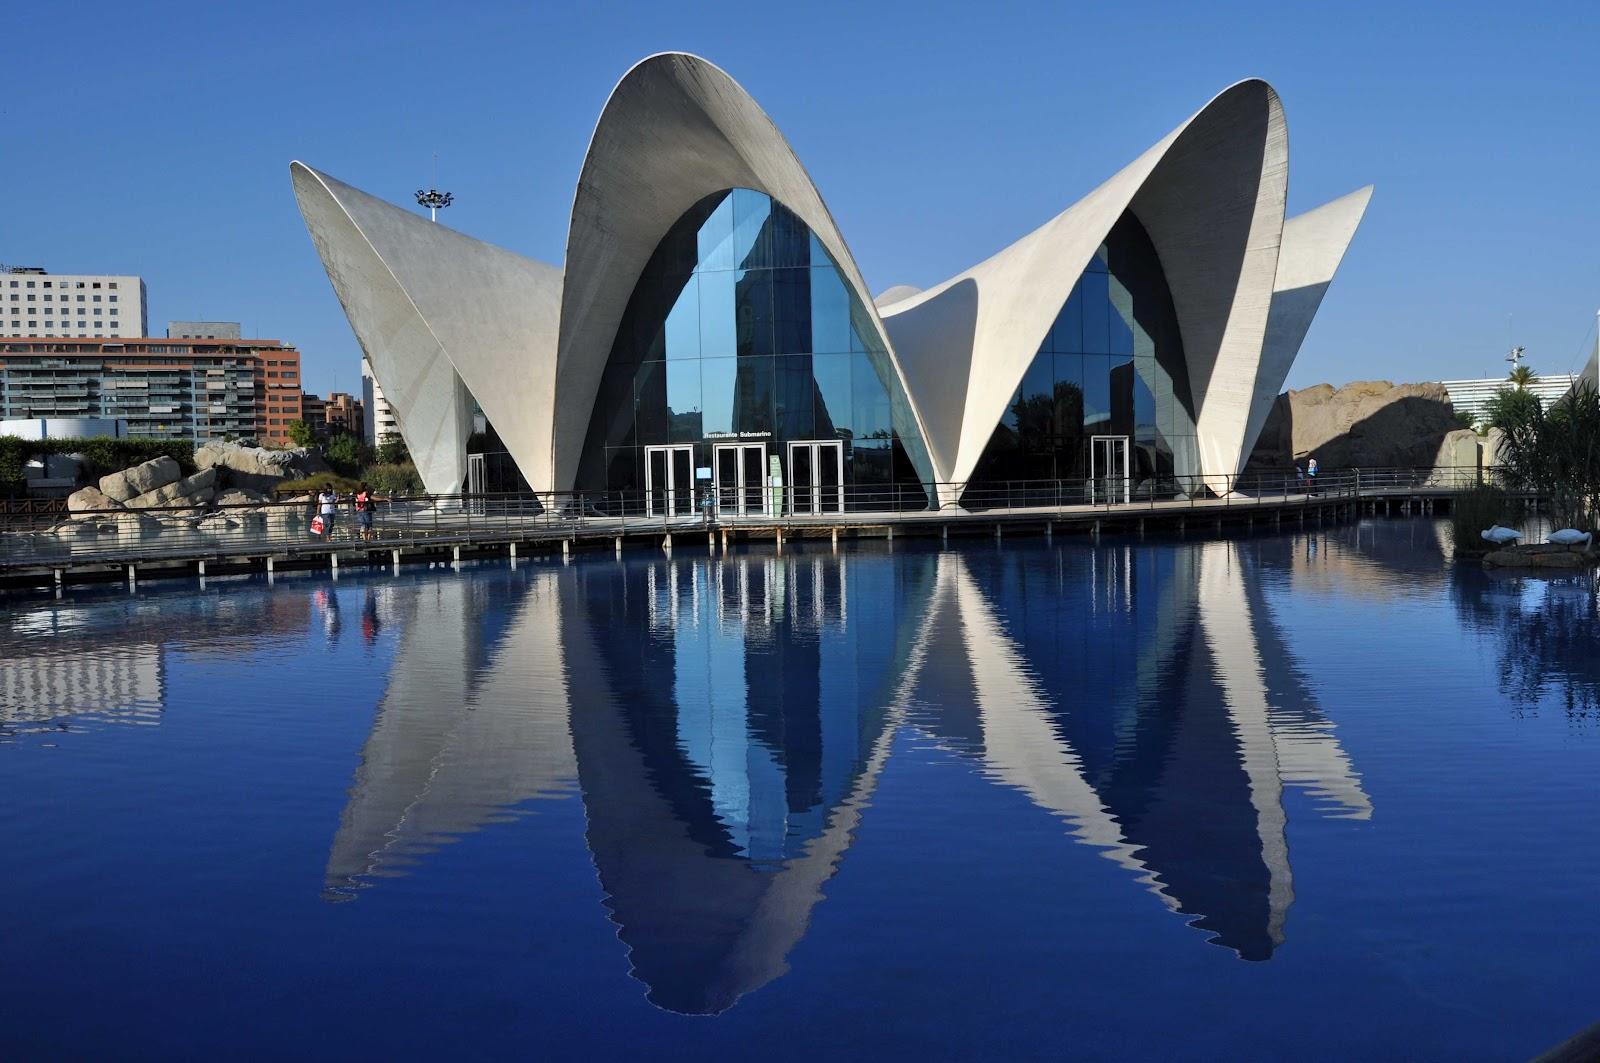 #1D376C Inova Vidros: Vidro & Arquitetura Obras Incríveis 1580 Vidros Janelas Fortaleza